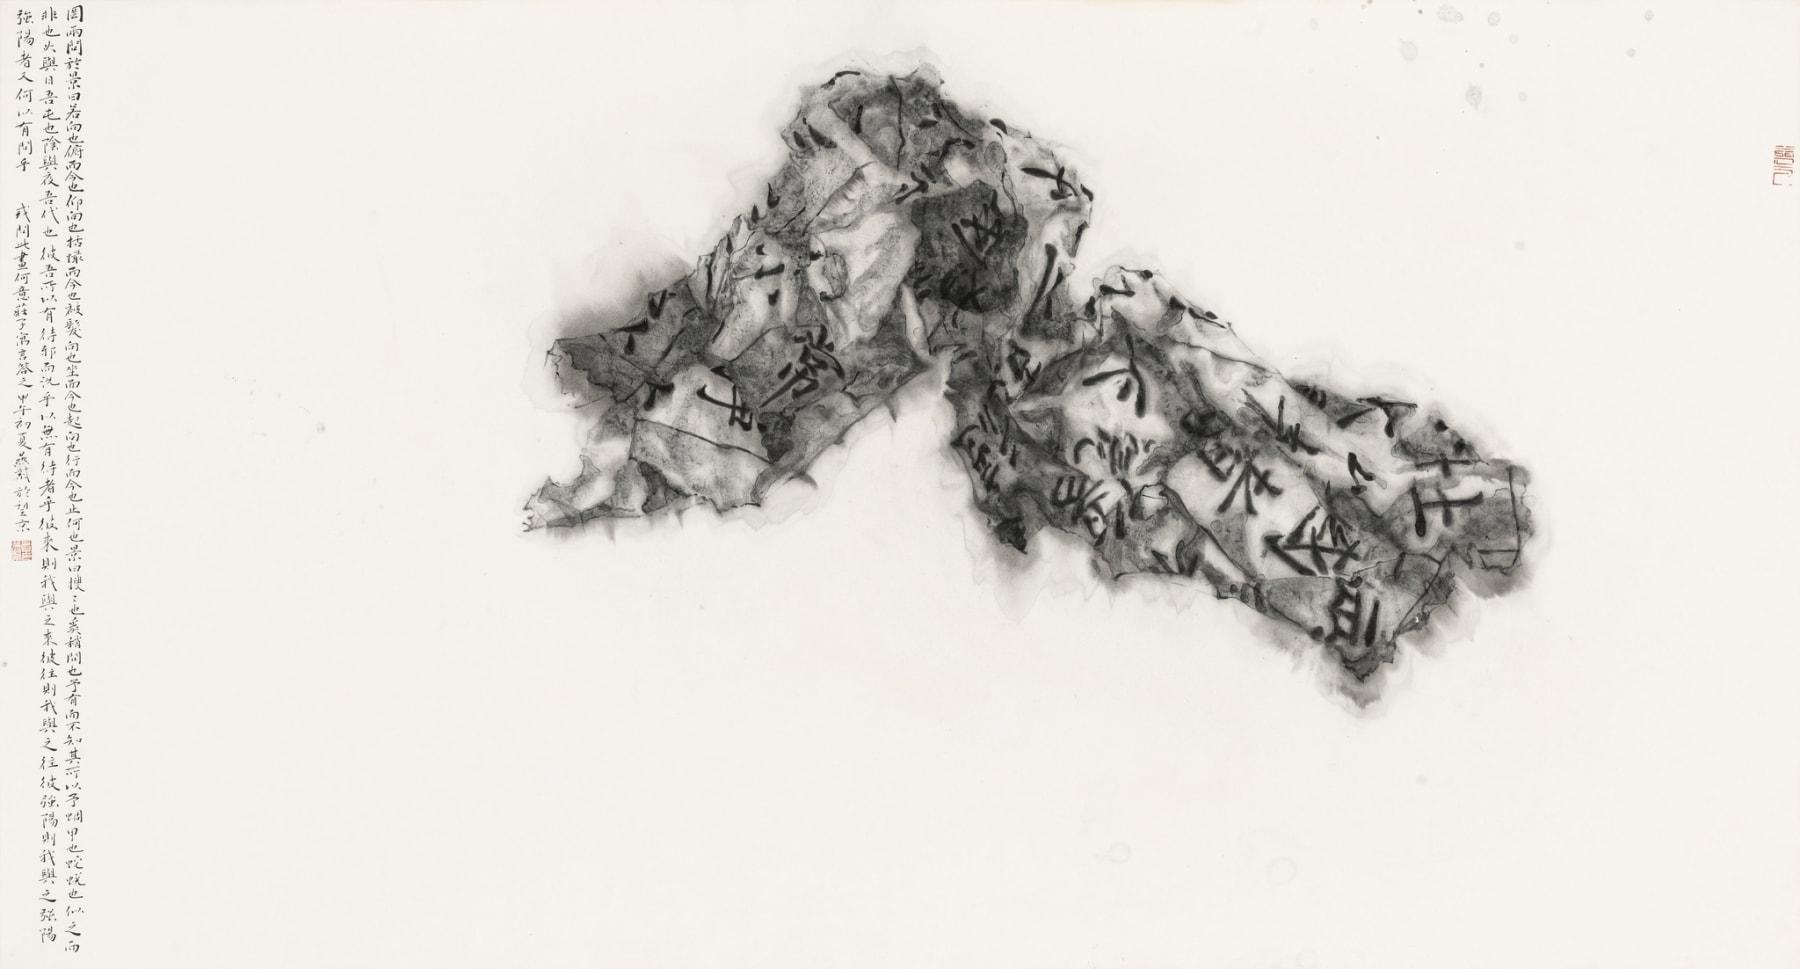 Zhang Yanzi 章燕紫, Fable 寓言, 2014